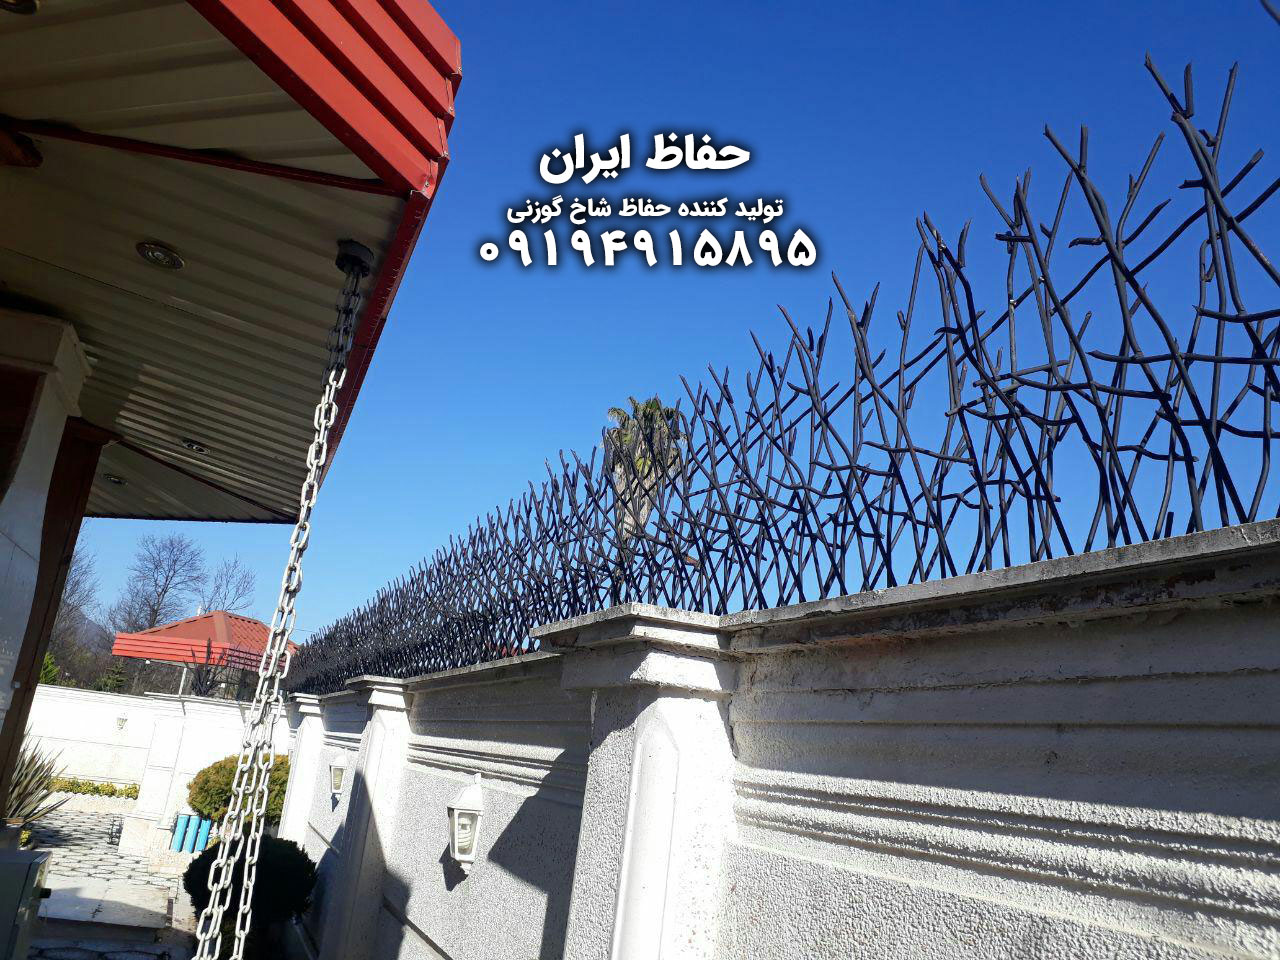 قیمت حفاظ دیوار حیاط